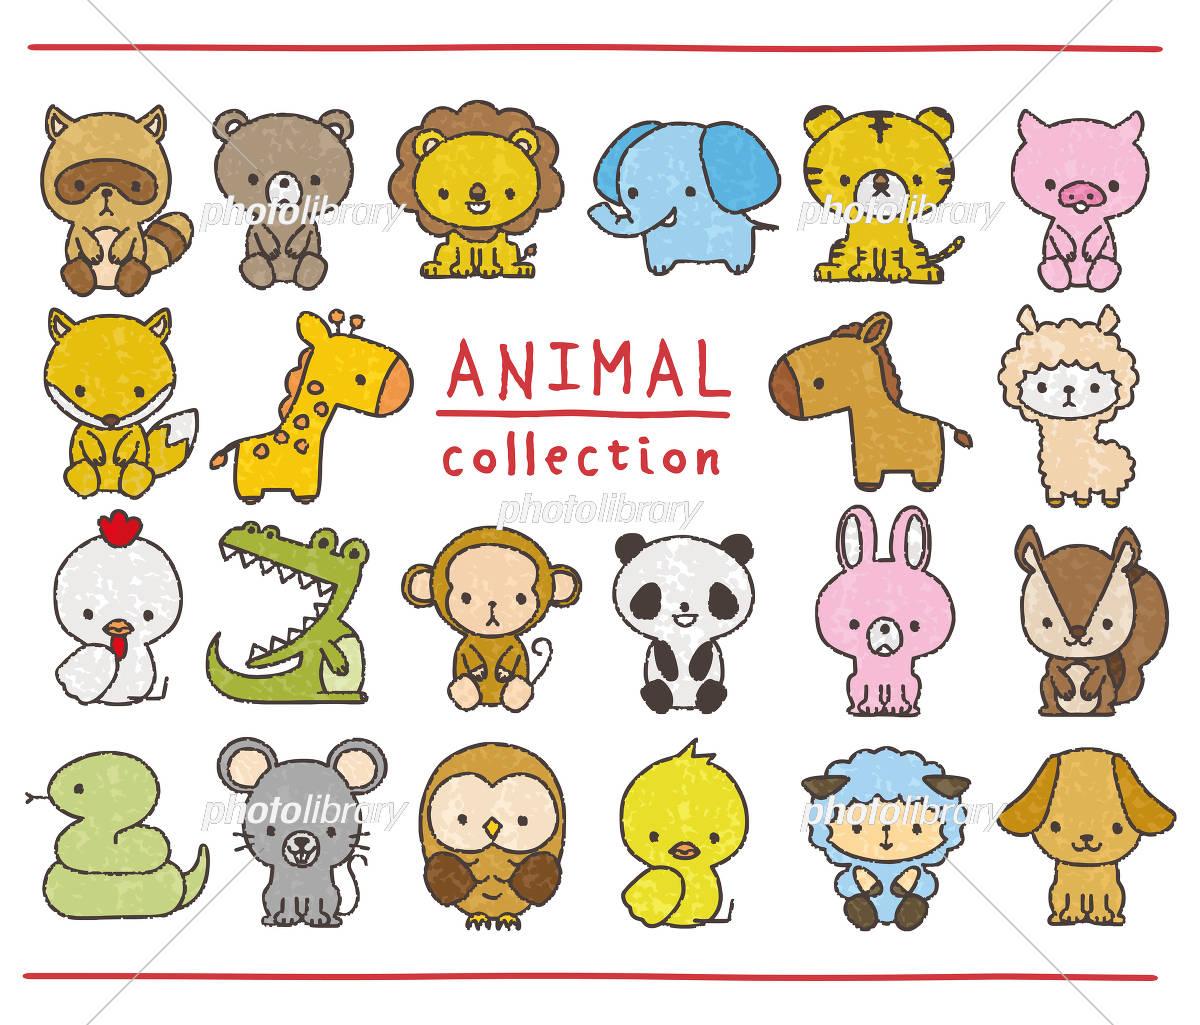 動物のセット 手描き風 イラスト素材 [ 5722188 ] - フォトライブラリー